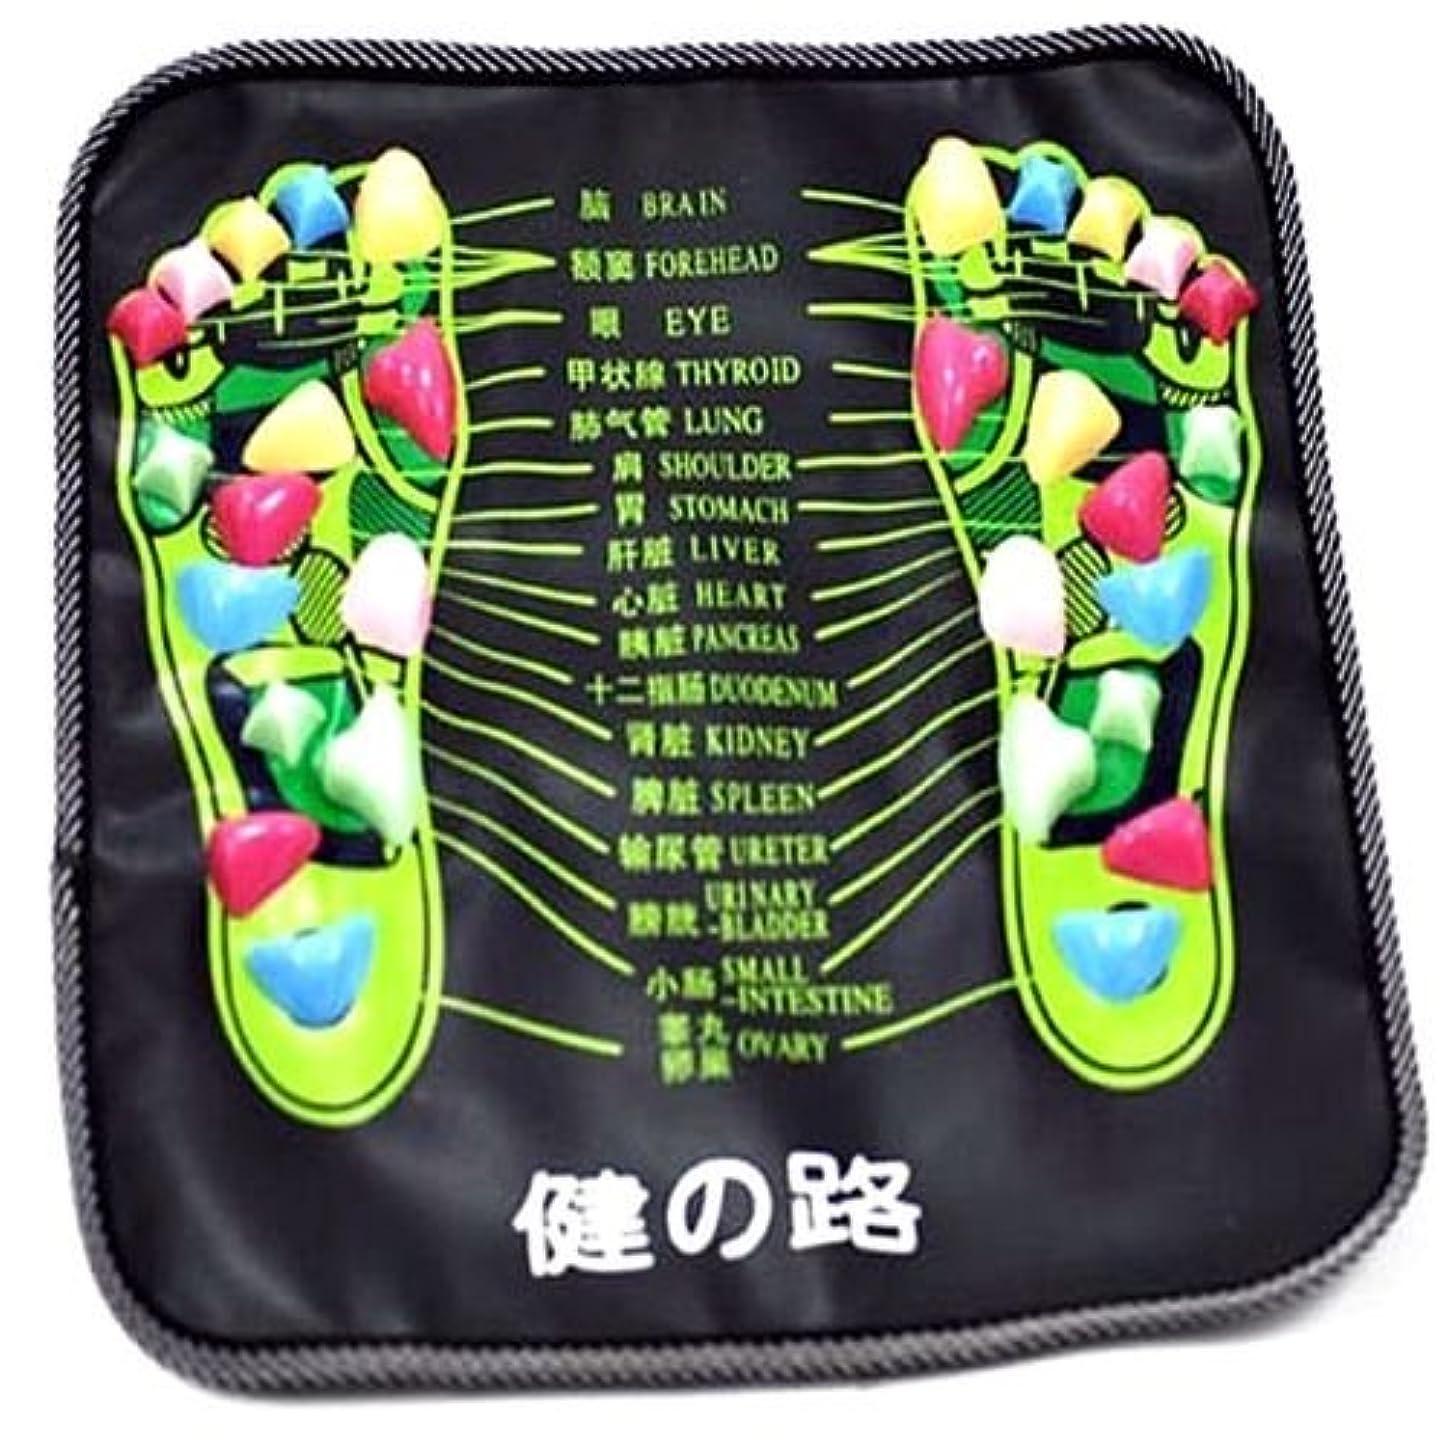 黒記述する知覚できるisz-spo 足ツボ マッサージ 健康ボード プラスチック 簡単 収納